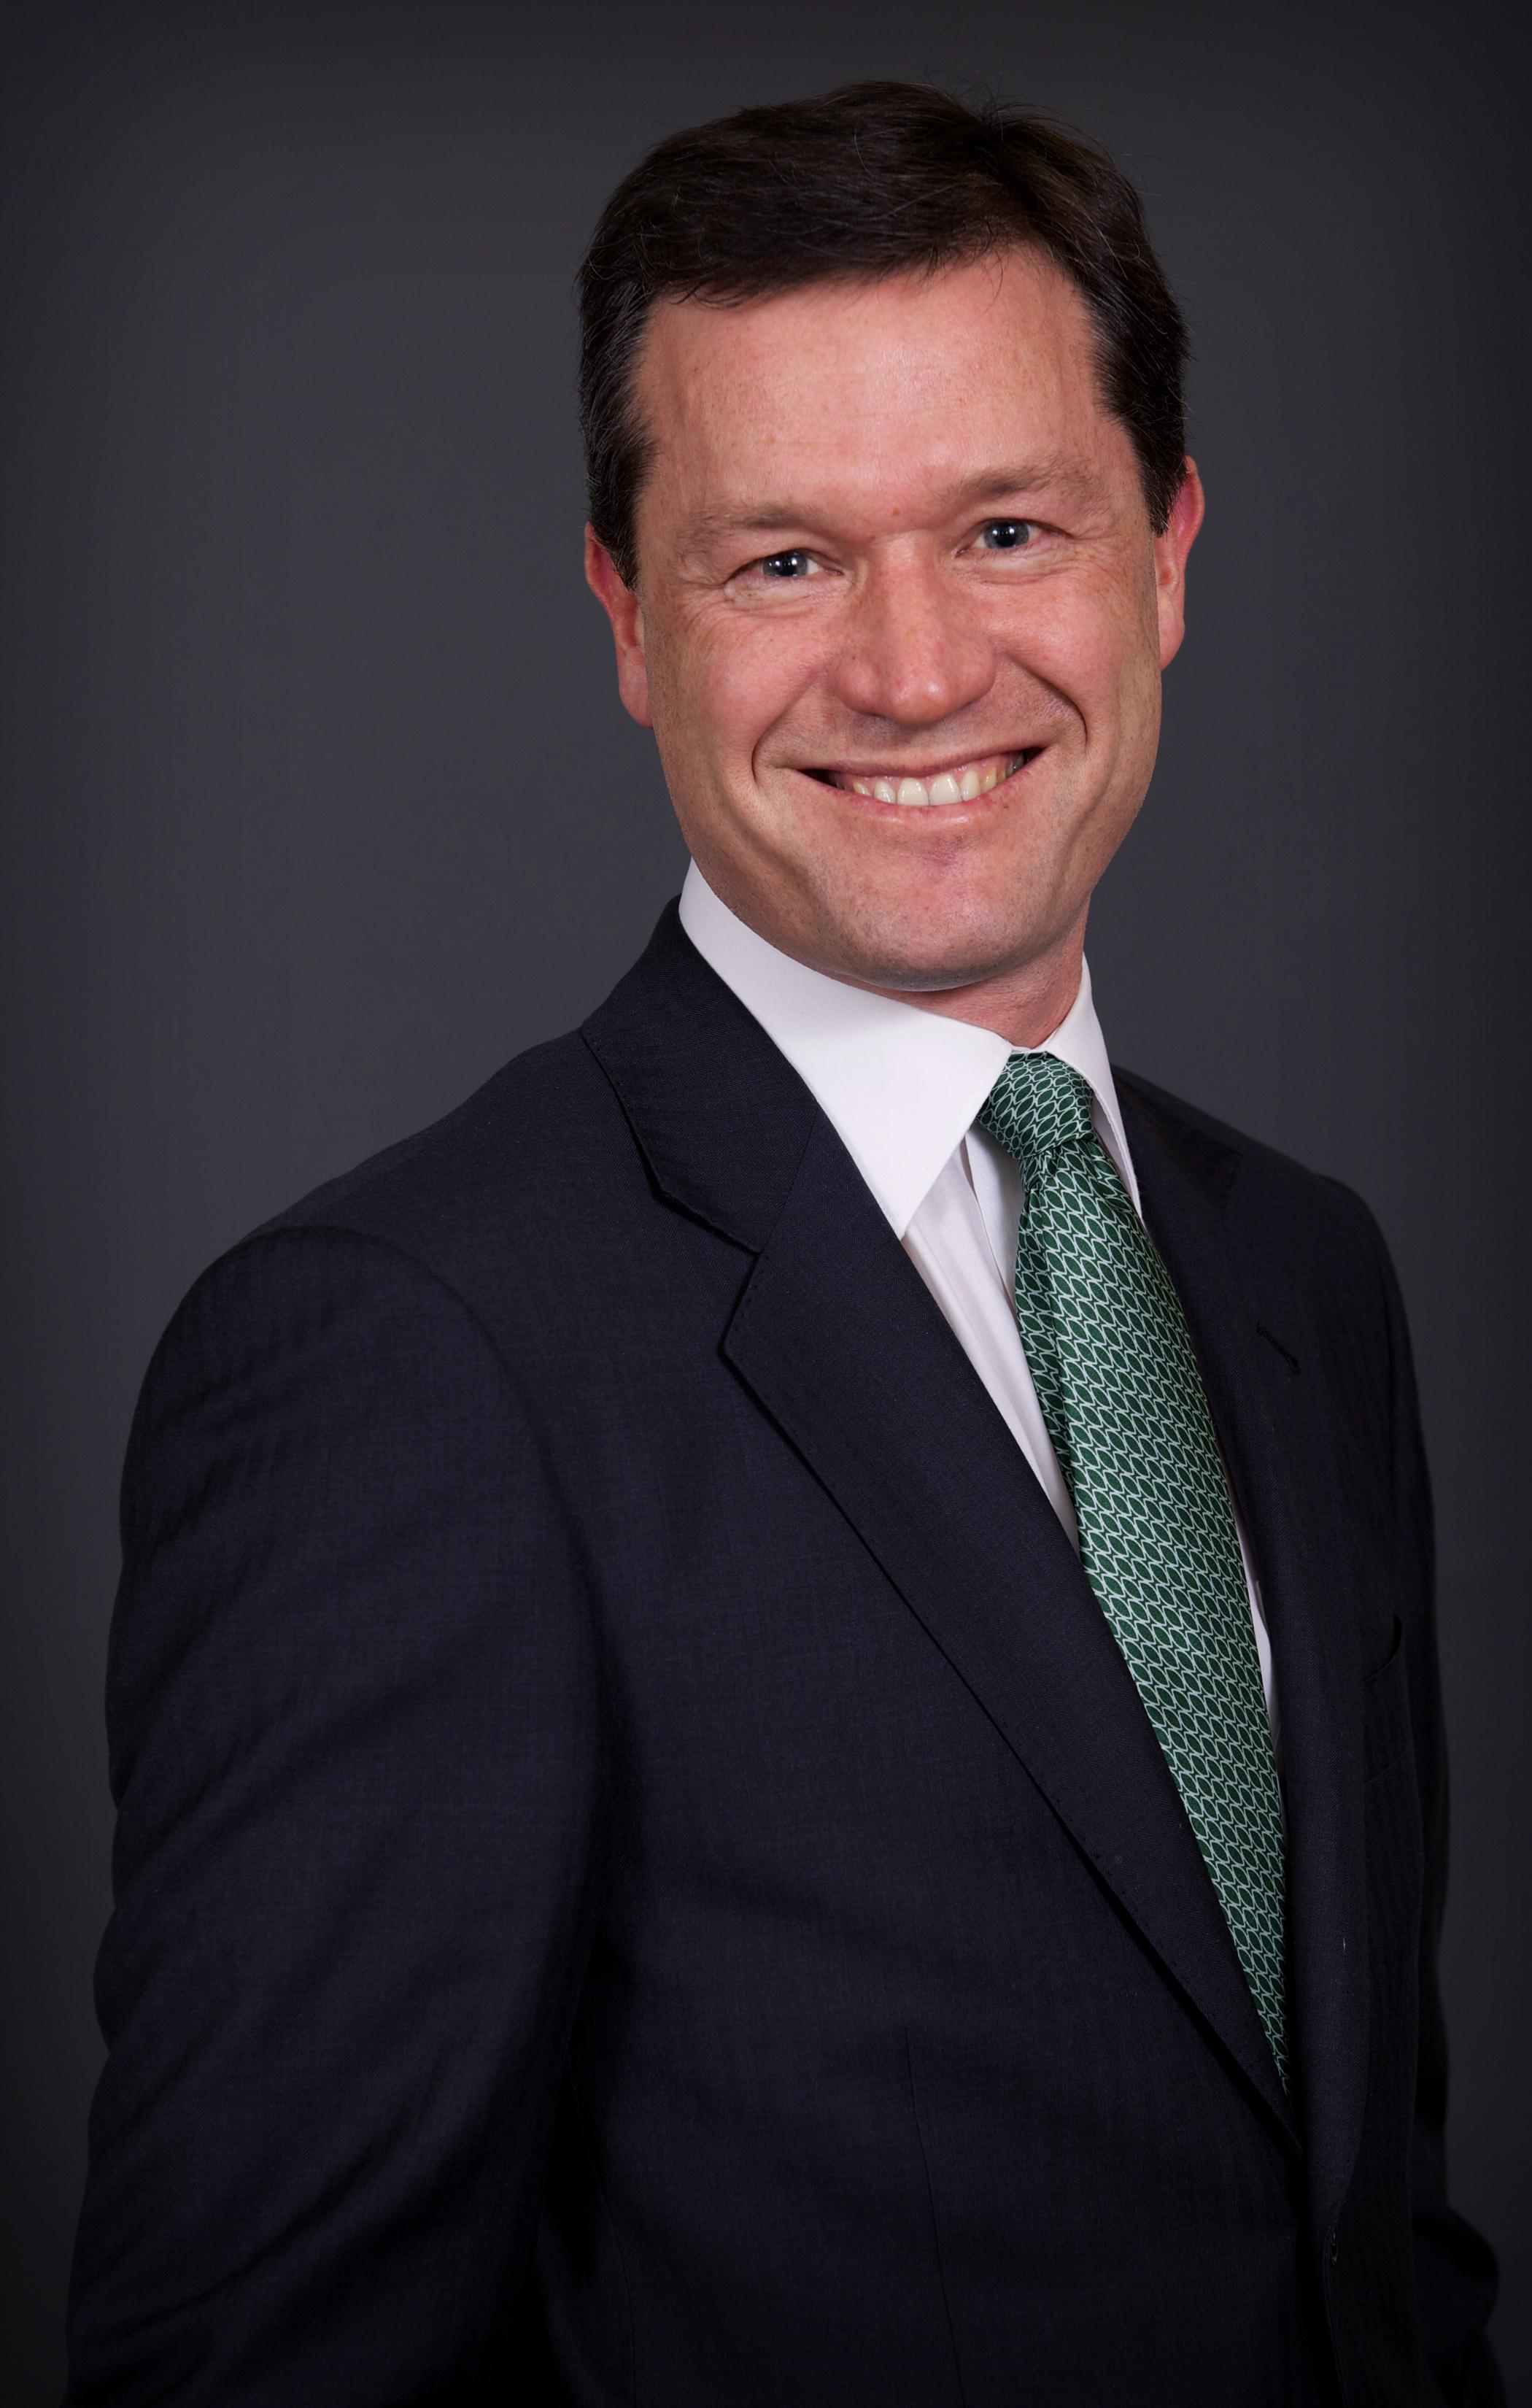 Neill Murdoch, BA, LL.B (Hons)